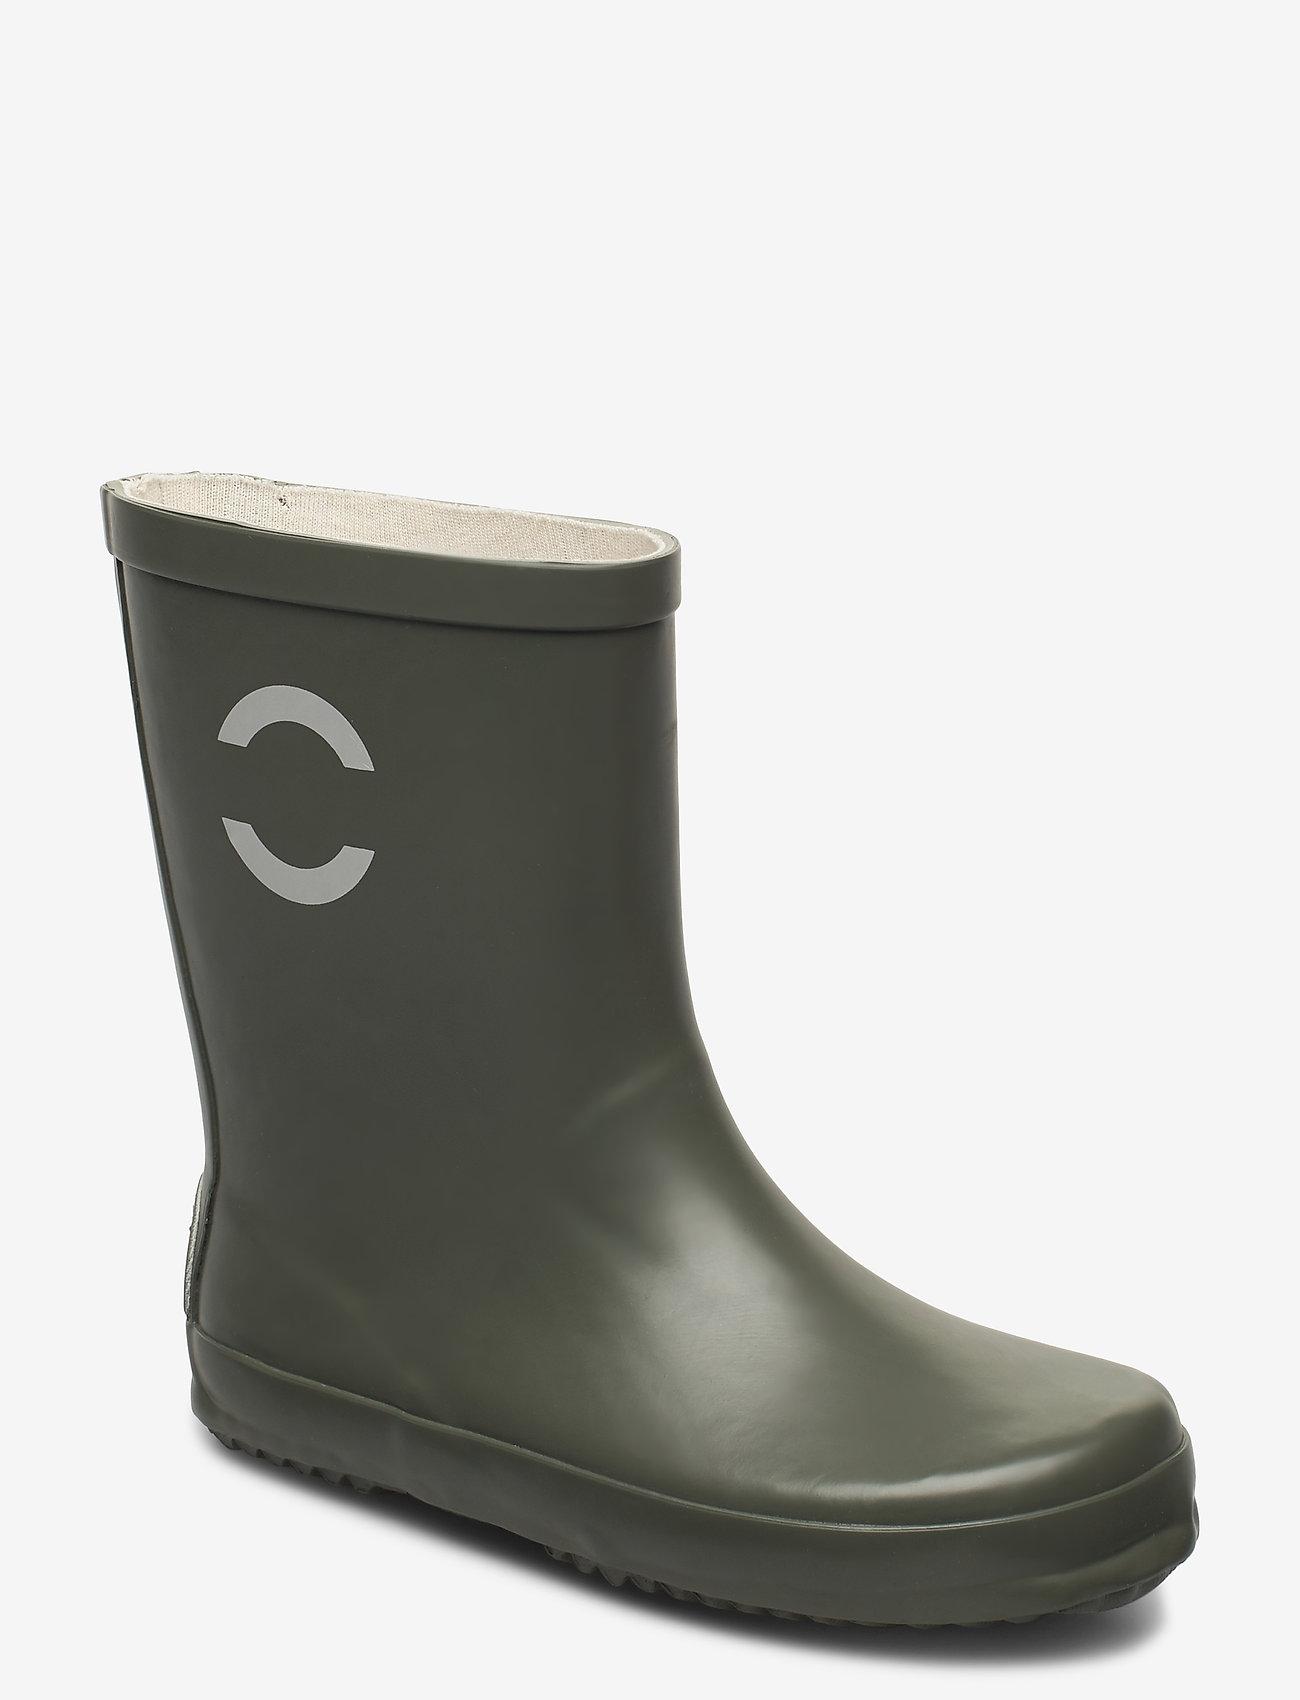 Mikk-Line - Wellies - Solid - uforede gummistøvler - dusty olive - 0